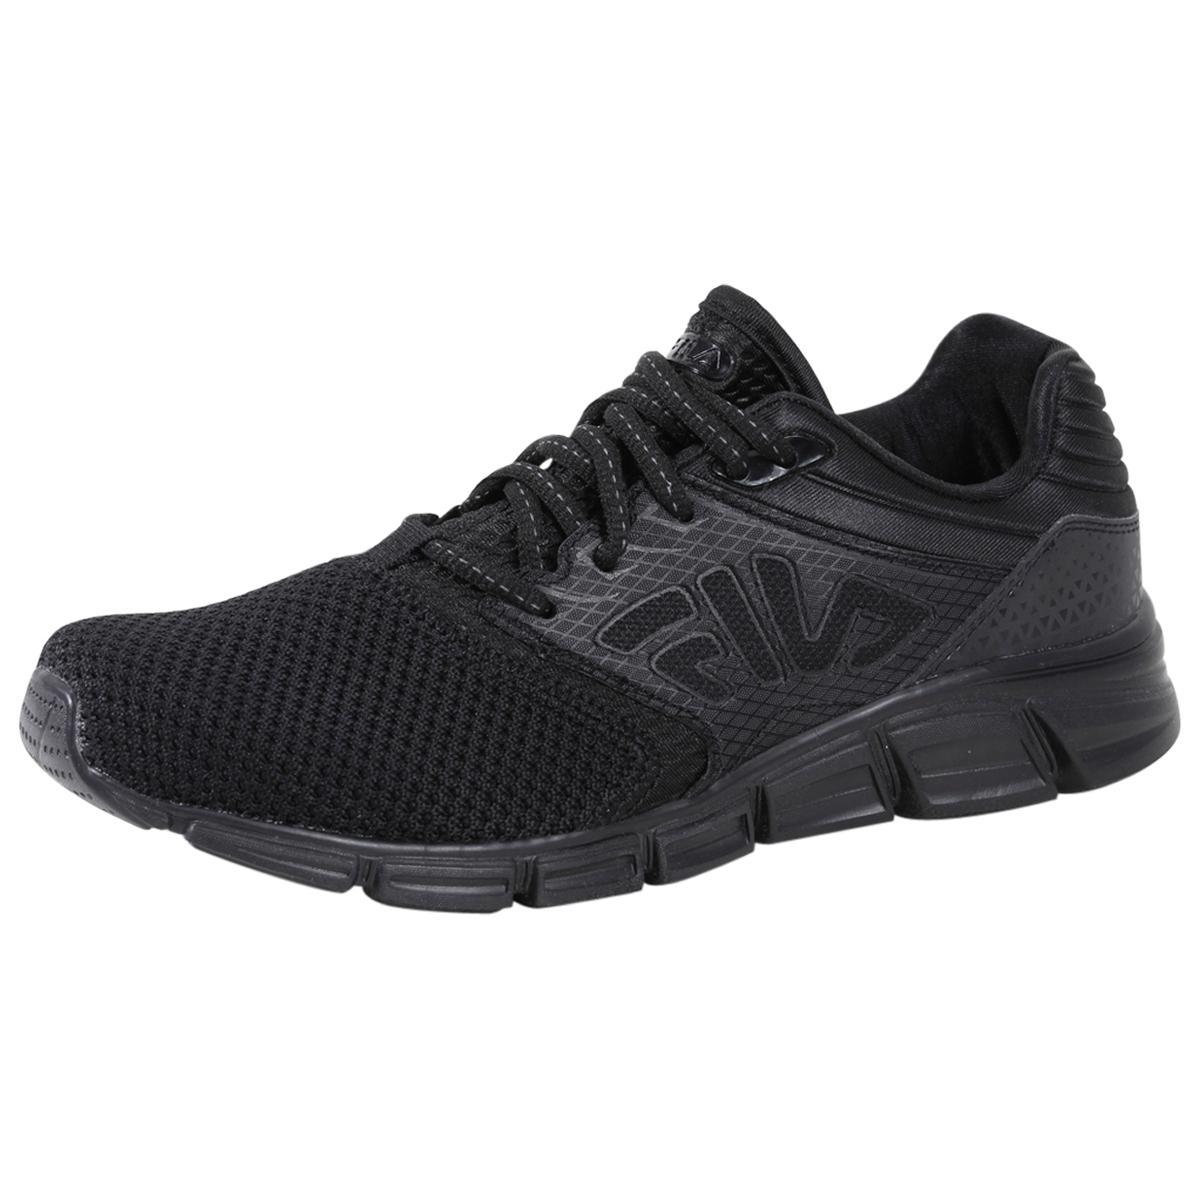 006264afad30 Fila Men s Memory-Multiswift-2 Memory Foam Running Sneakers Shoes